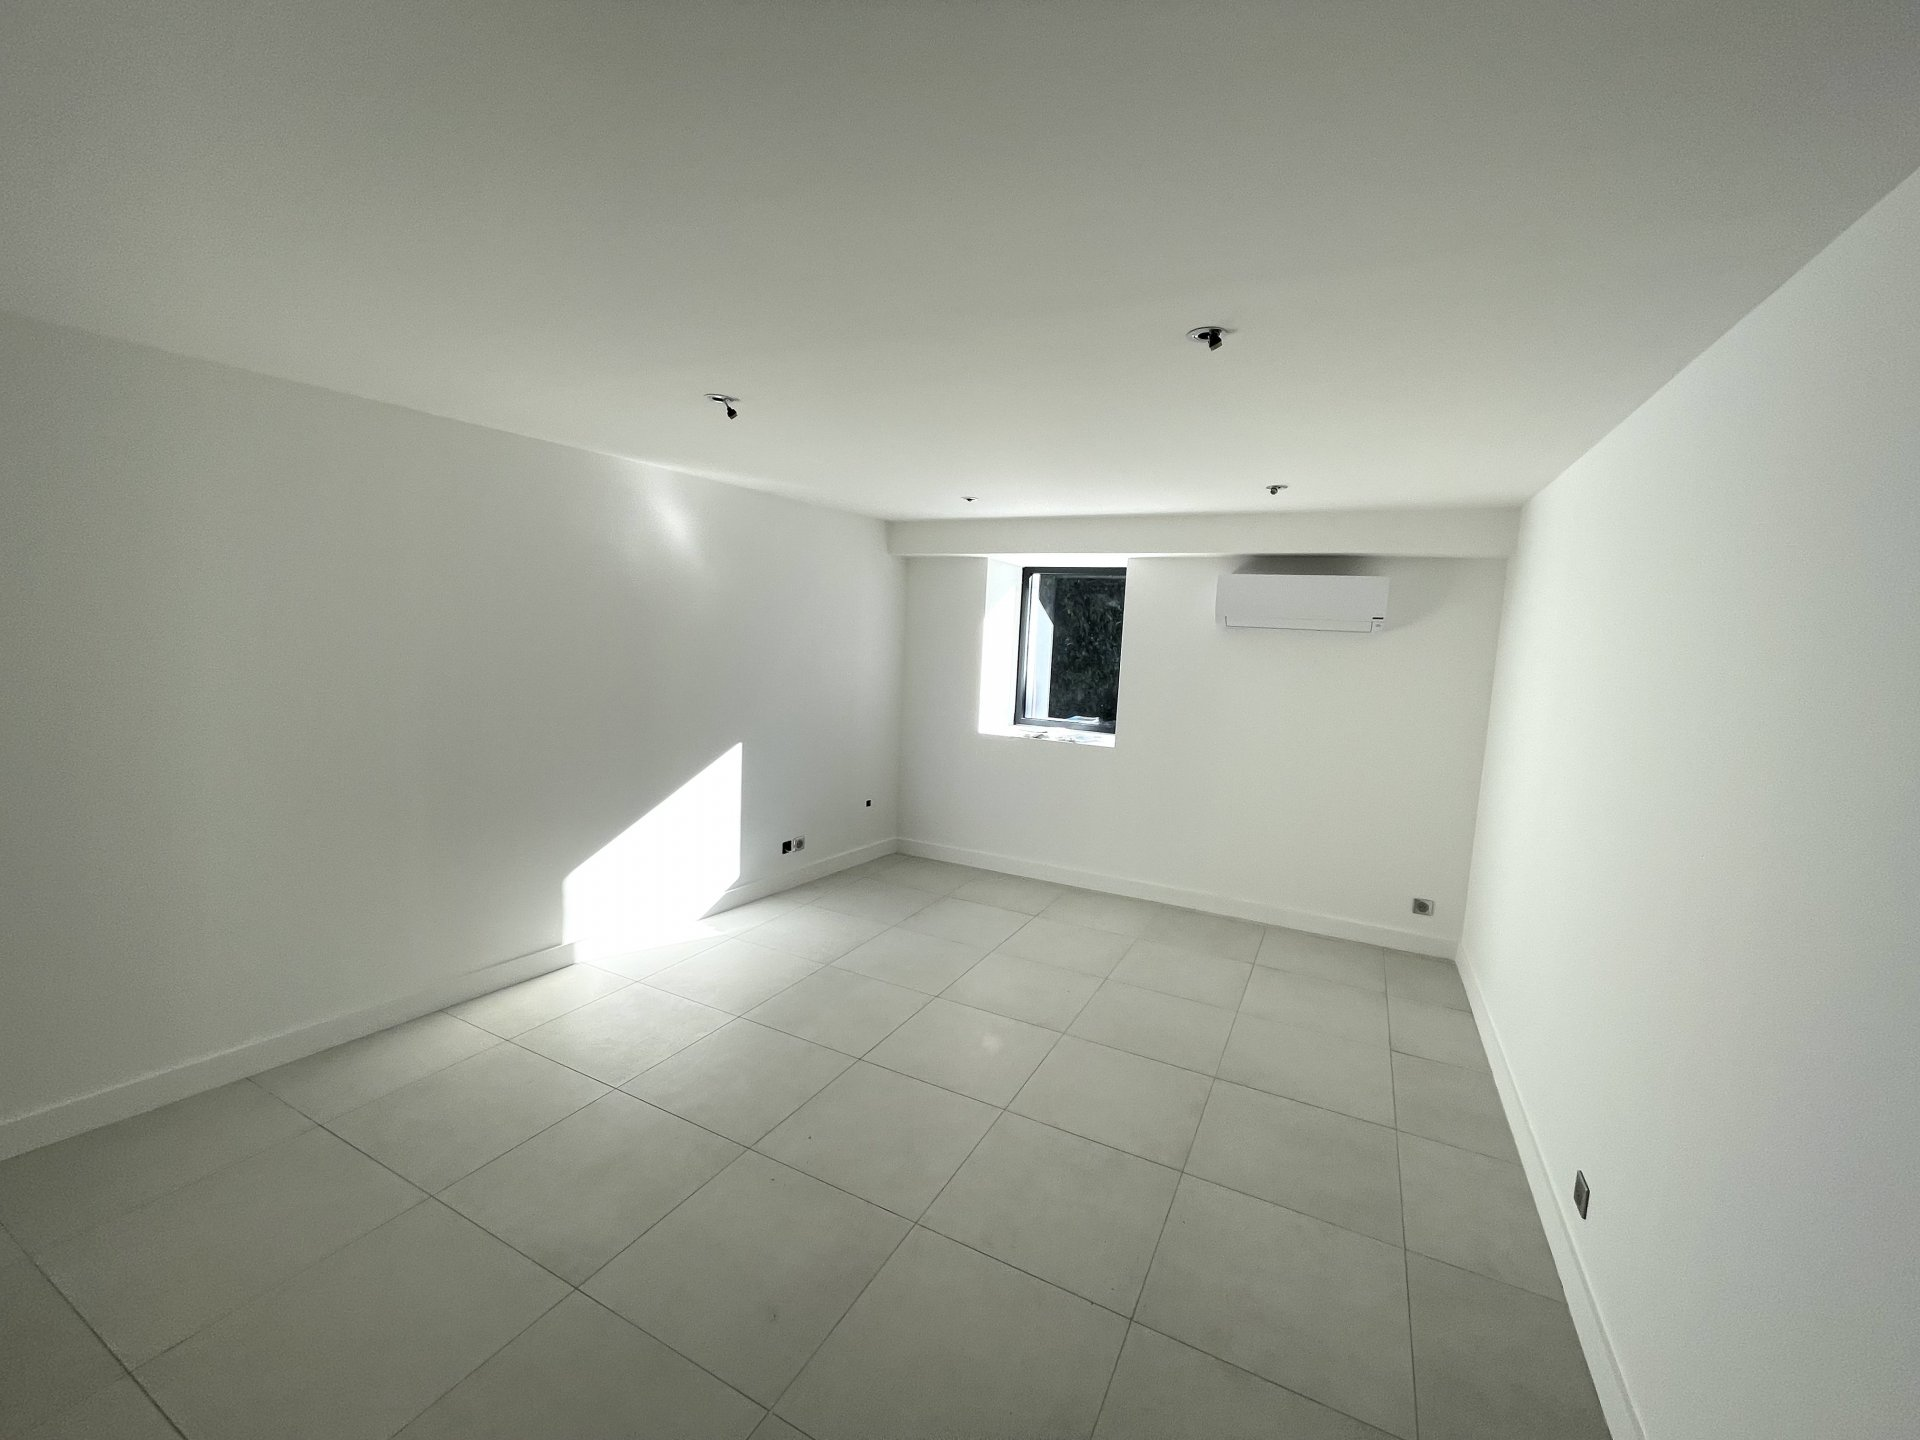 Local de 21 m² CENTRE VILLAGE à PARTAGER